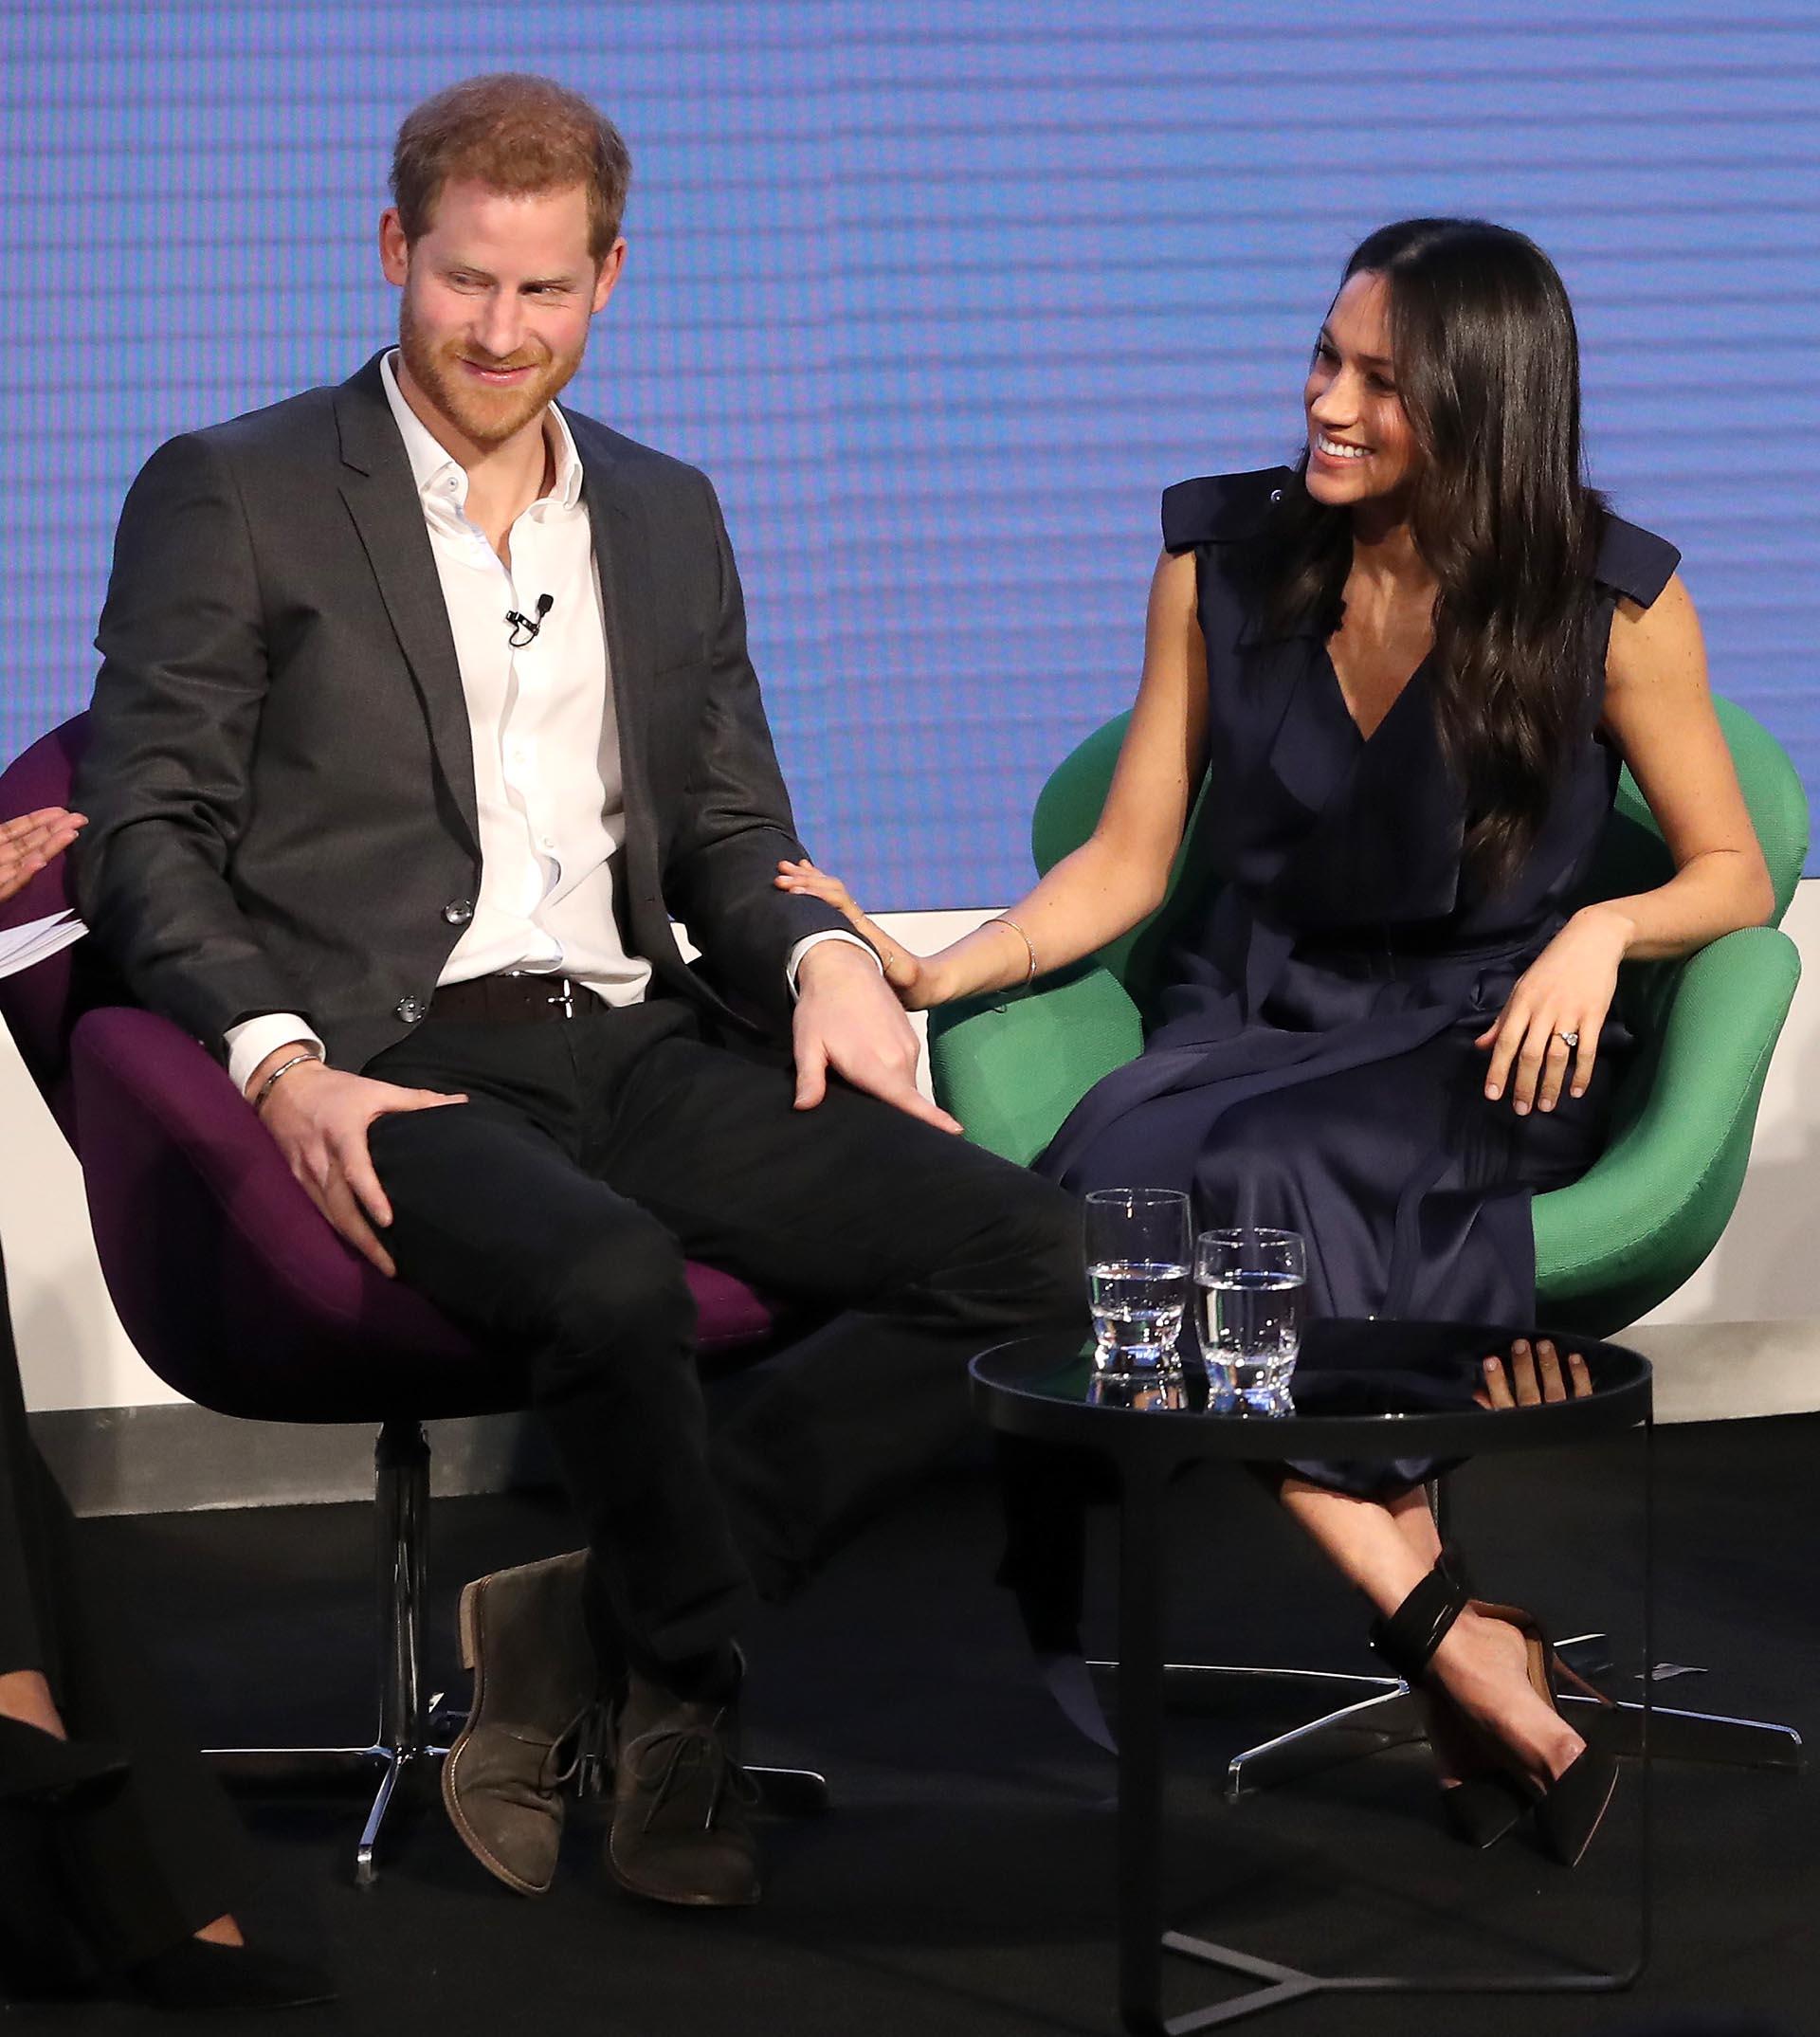 Tras el casamiento, la actriz de la exitosa serie Suits podría tener una nueva denominación: Meghan de Sussex.